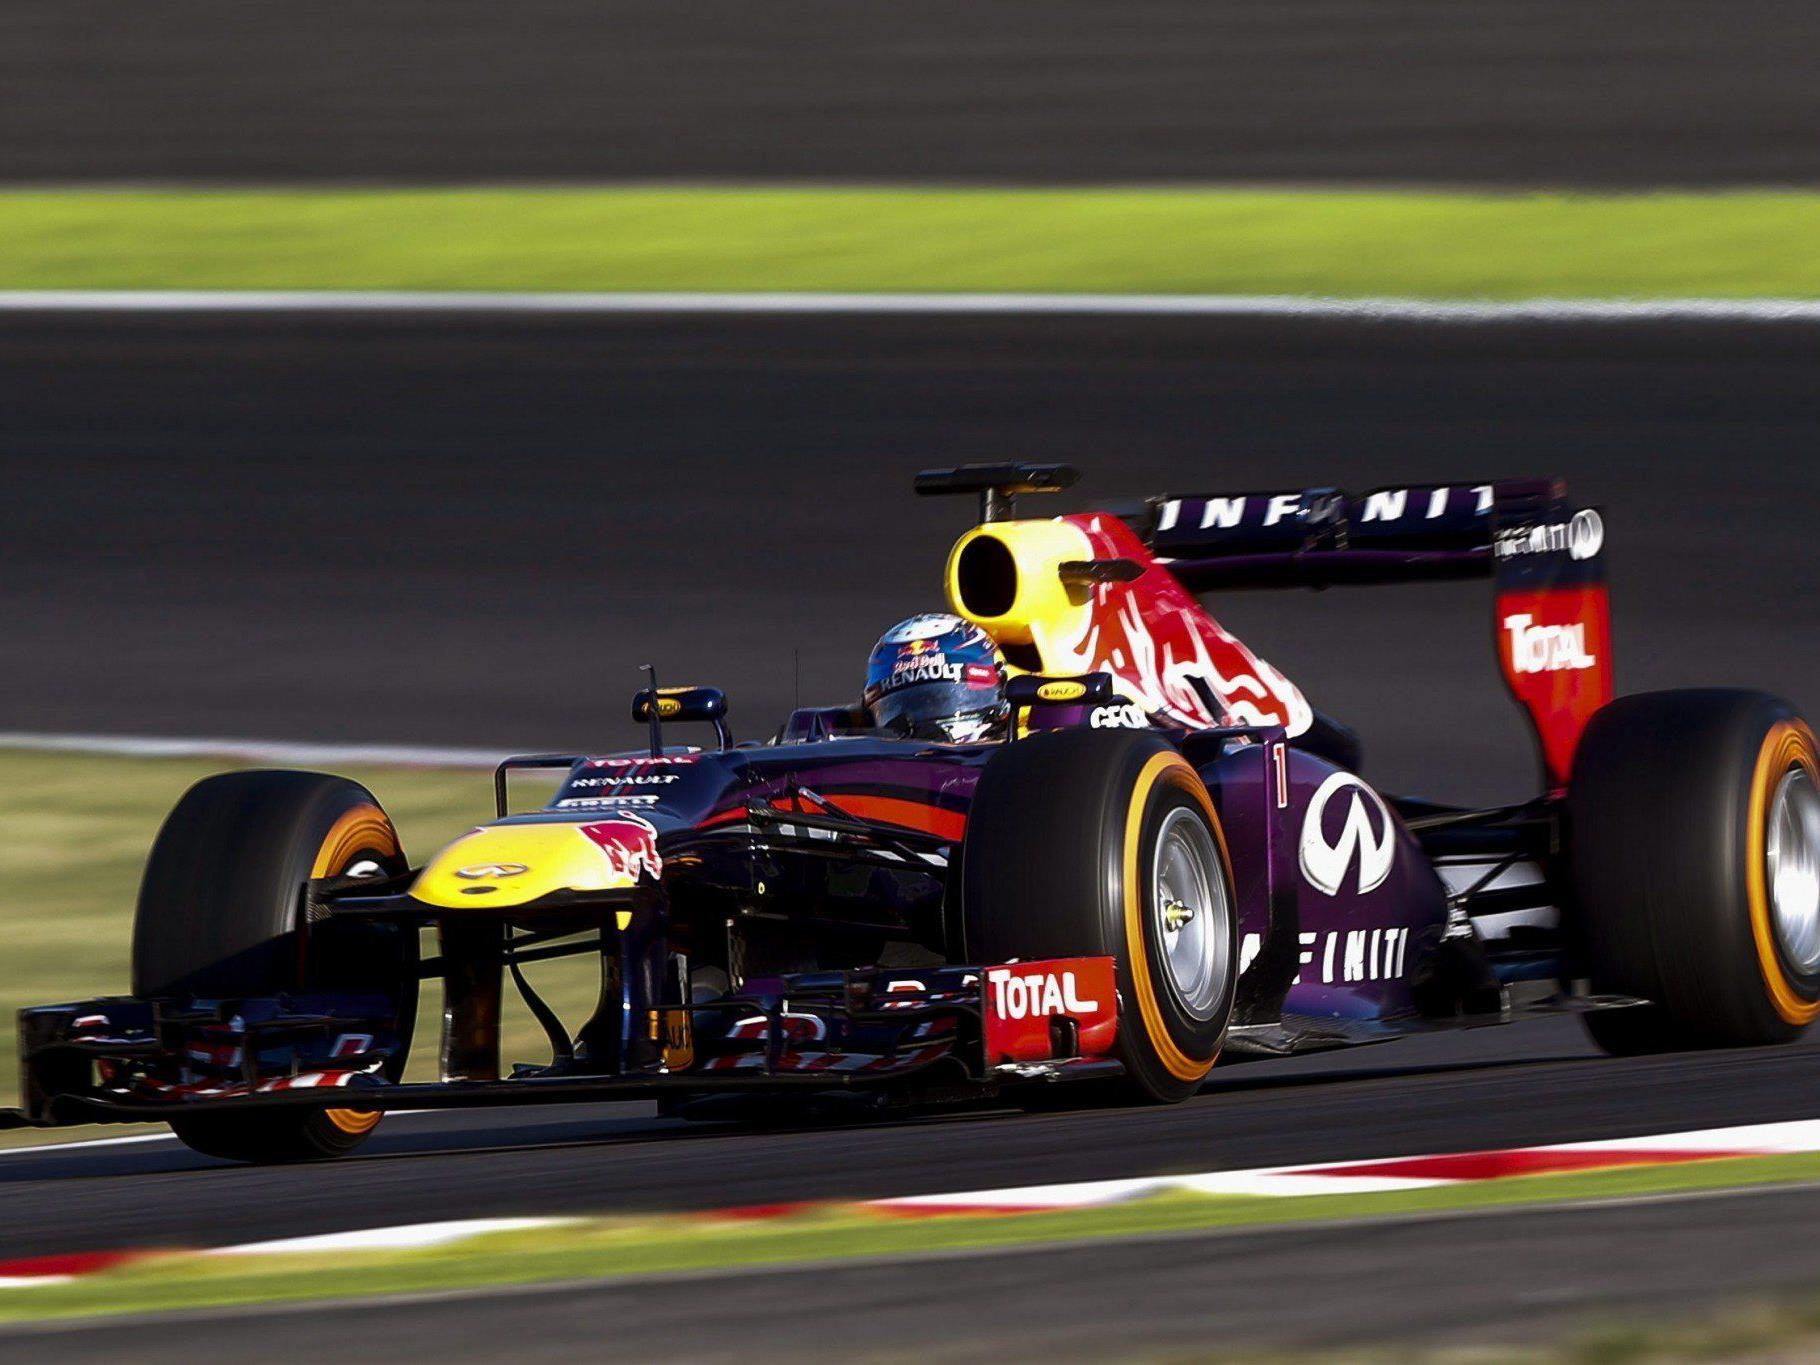 Fünfter Erfolg in Folge, aber Alonso verhinderte als Vierter Titelkrönung schon in Japan.